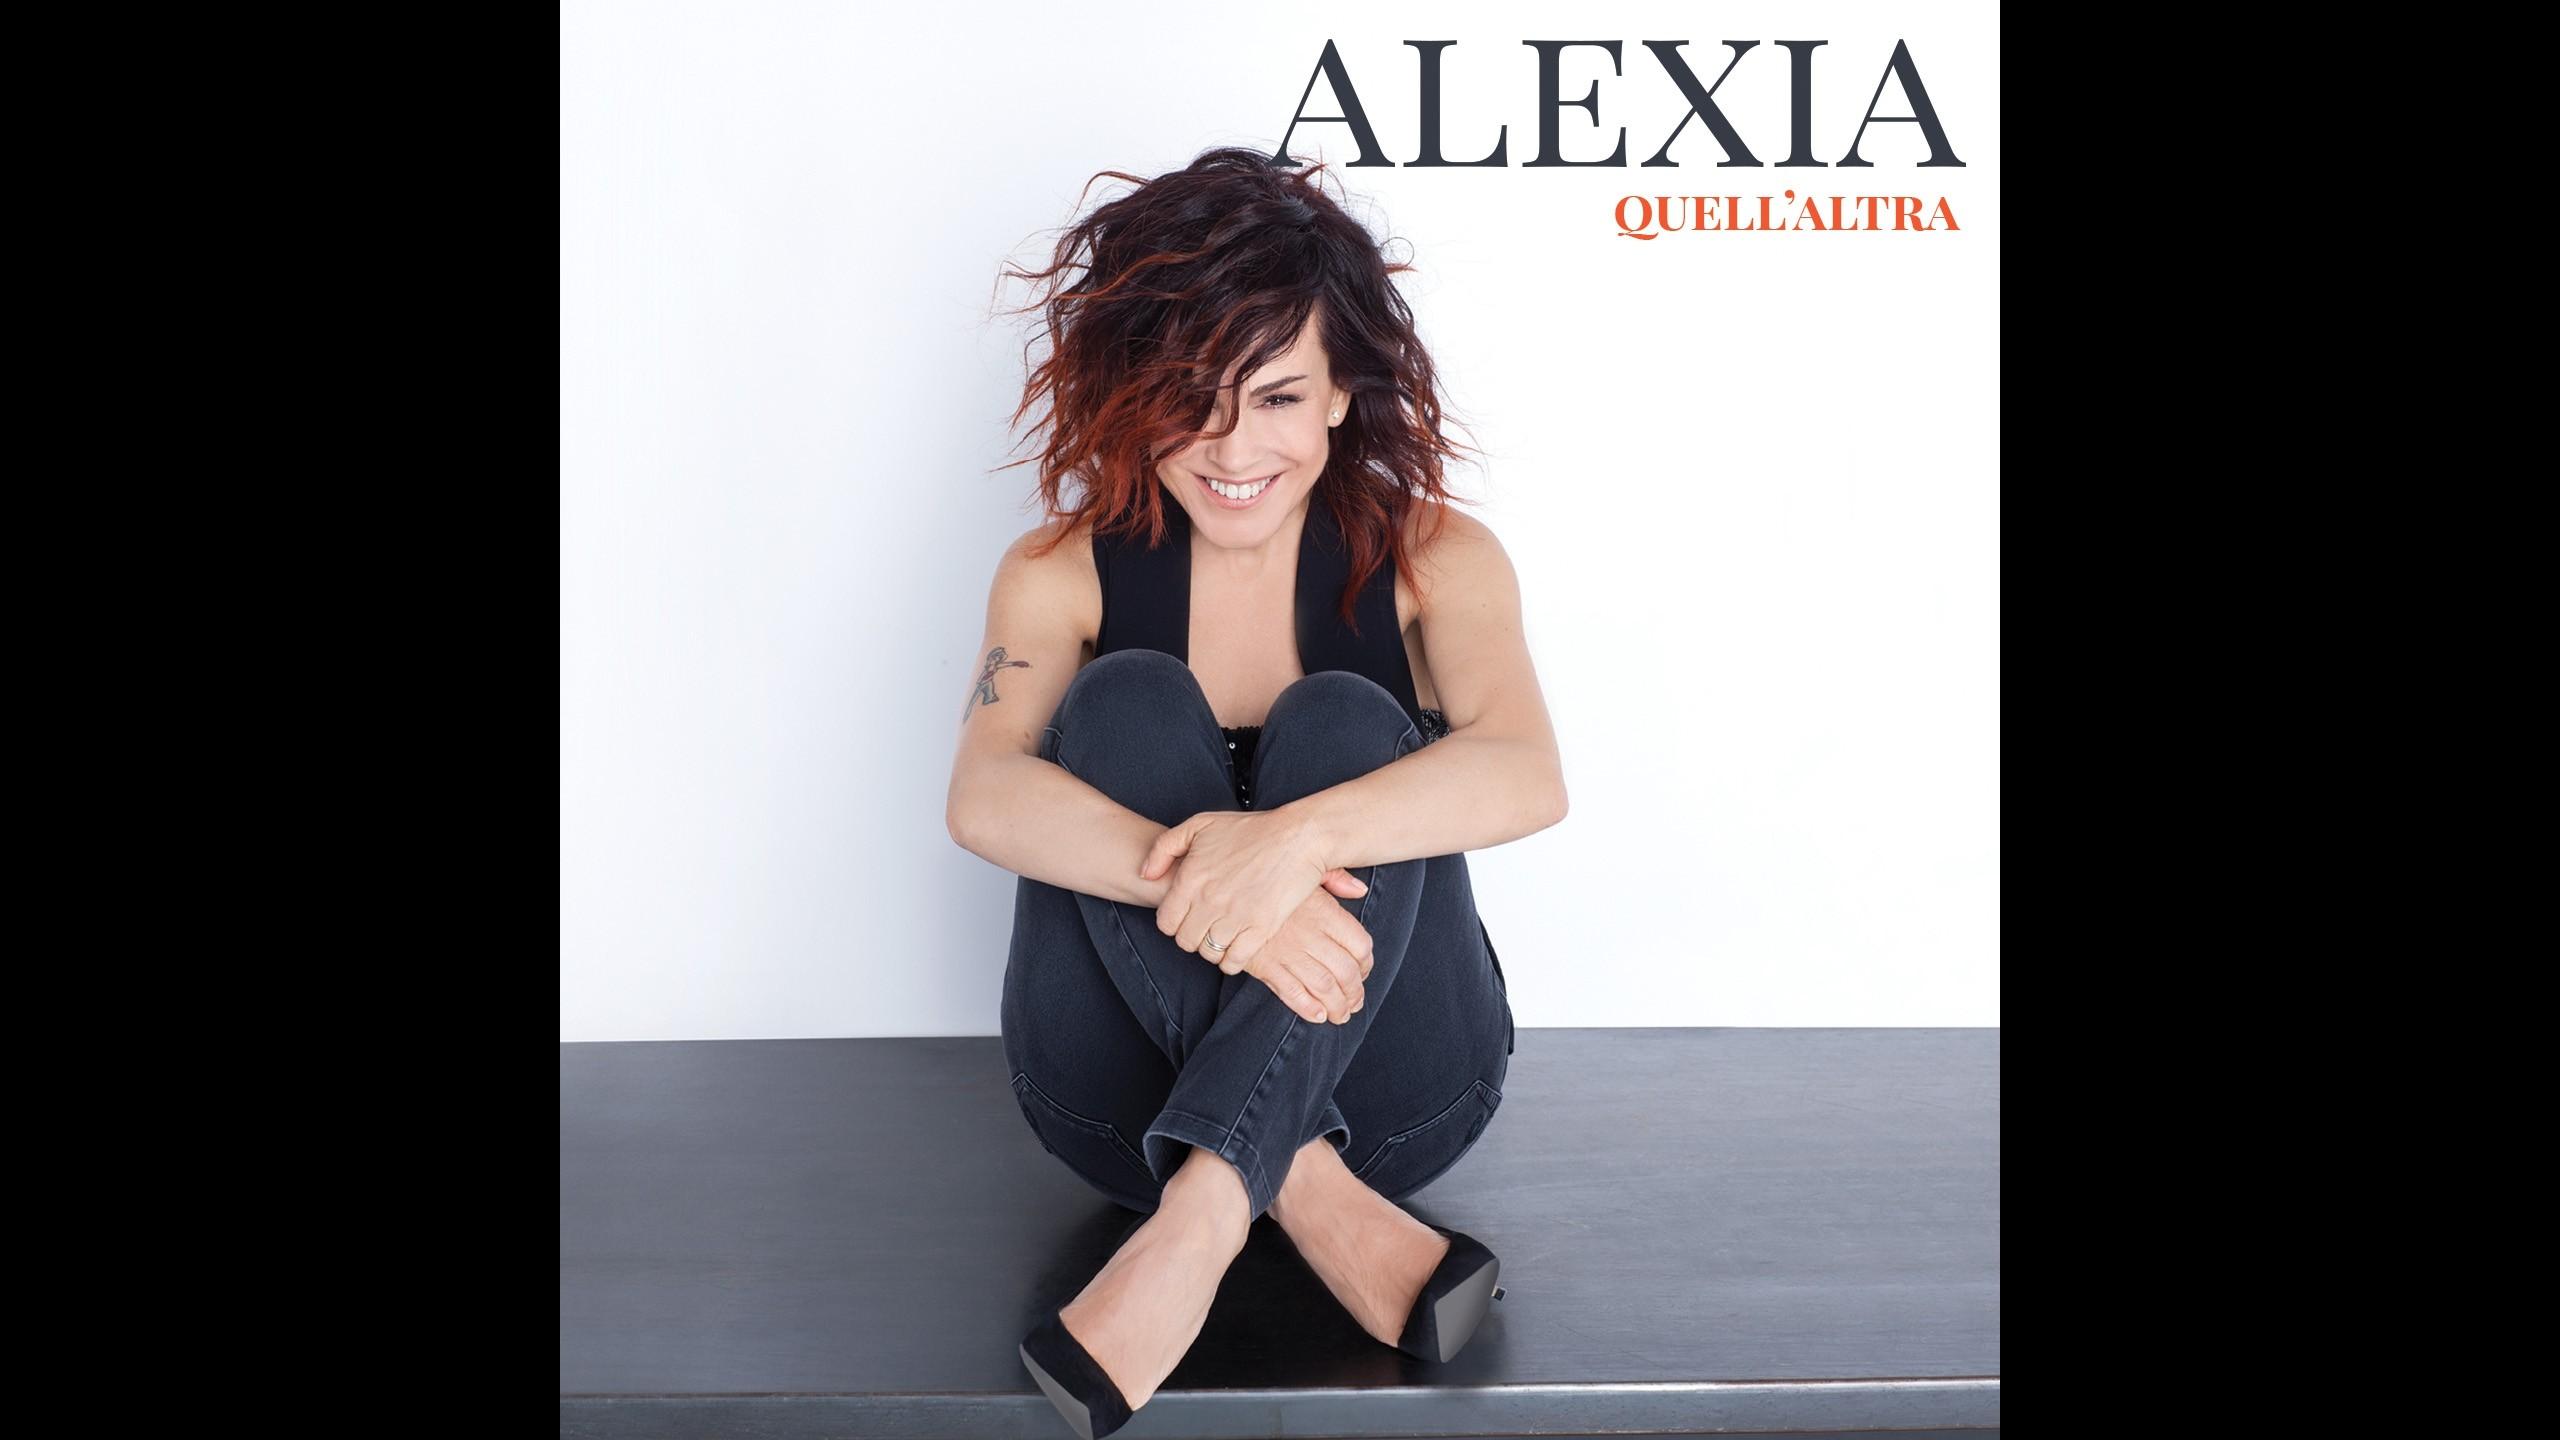 Musica, Alexia svela il nuovo album: 'Quell'altra'